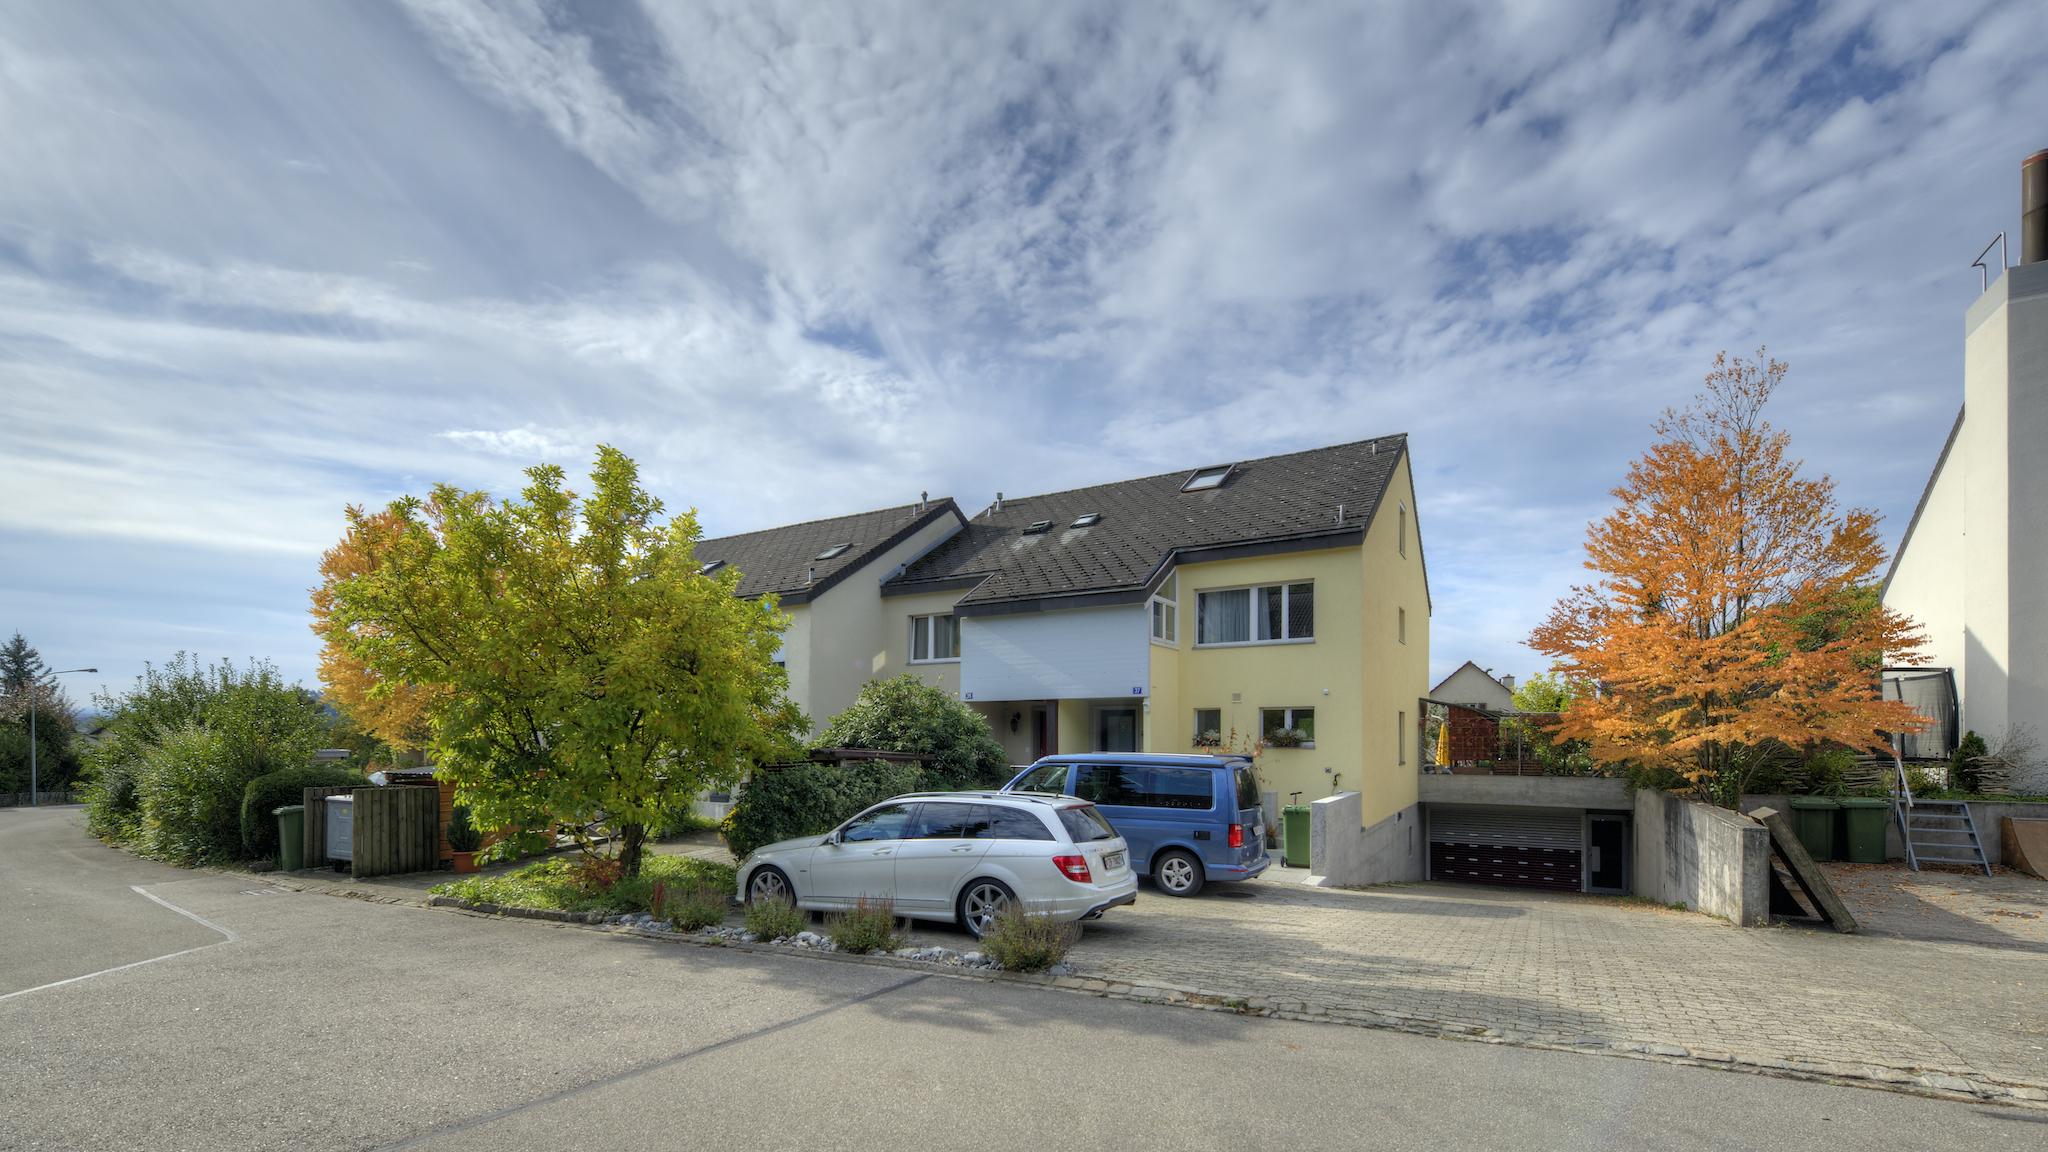 Garagenzufahrt und Parkplatz